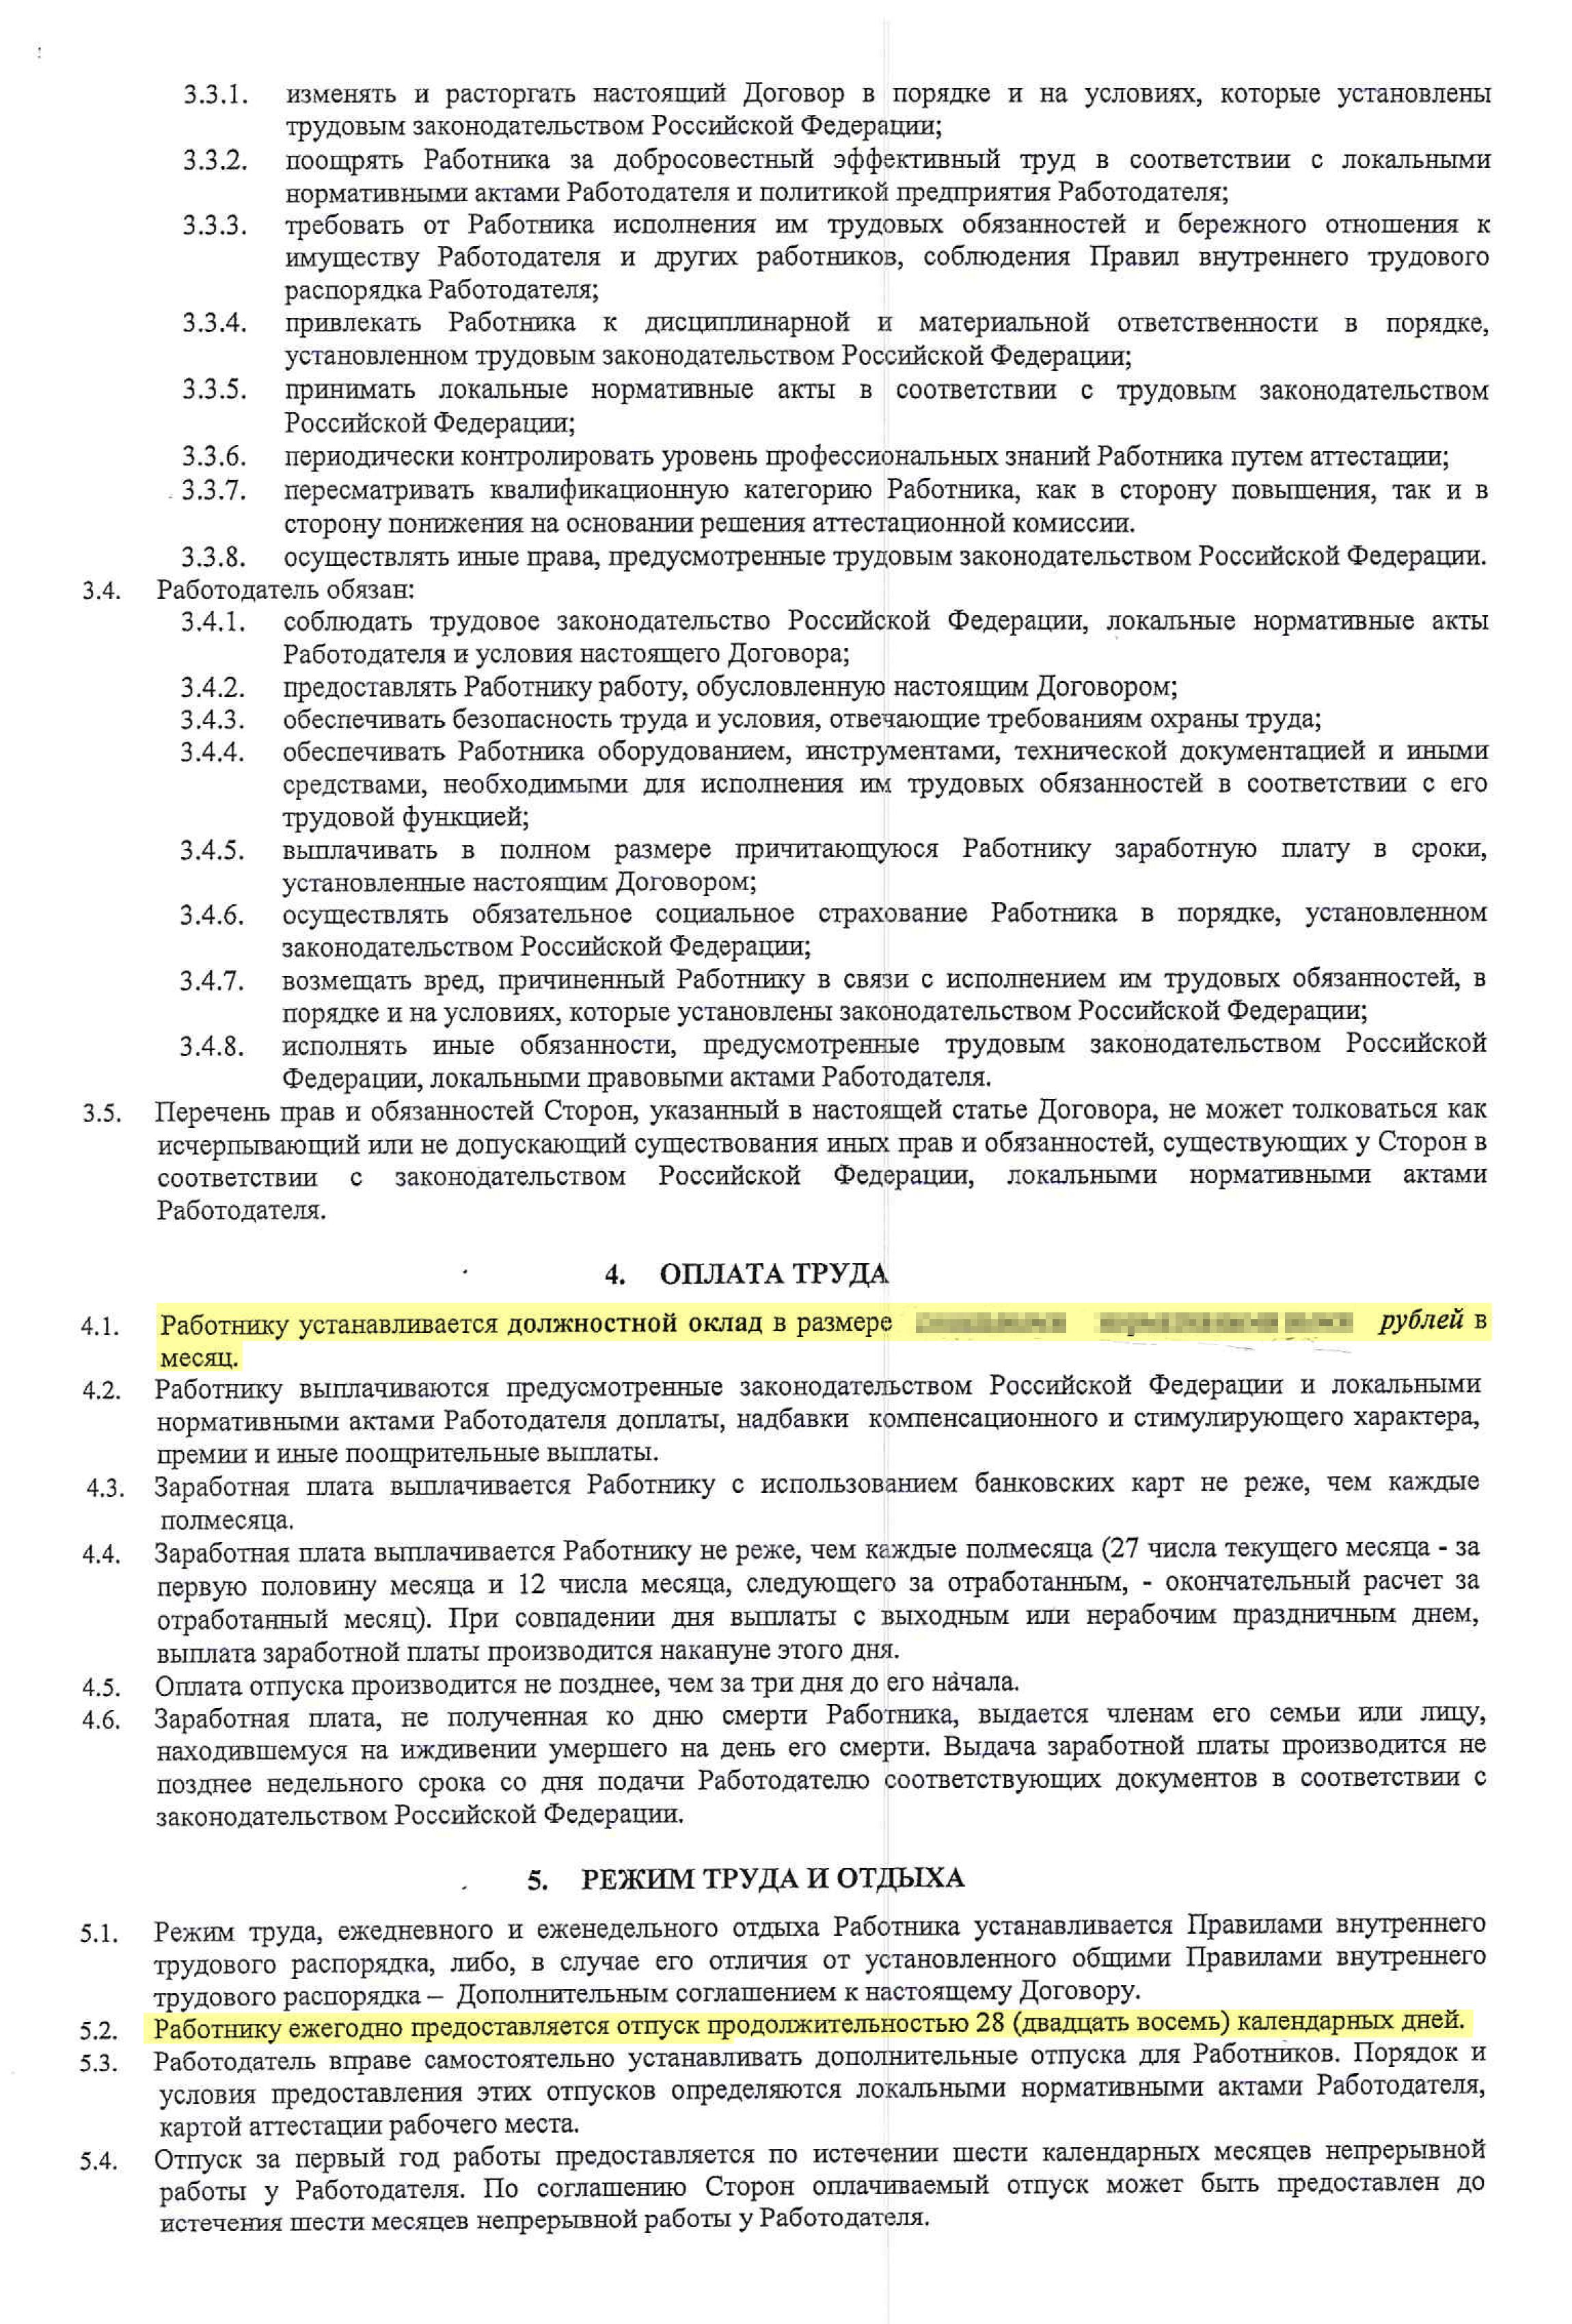 Образец трудового договора: раздел об оплате труда и описание режима работы и отдыха